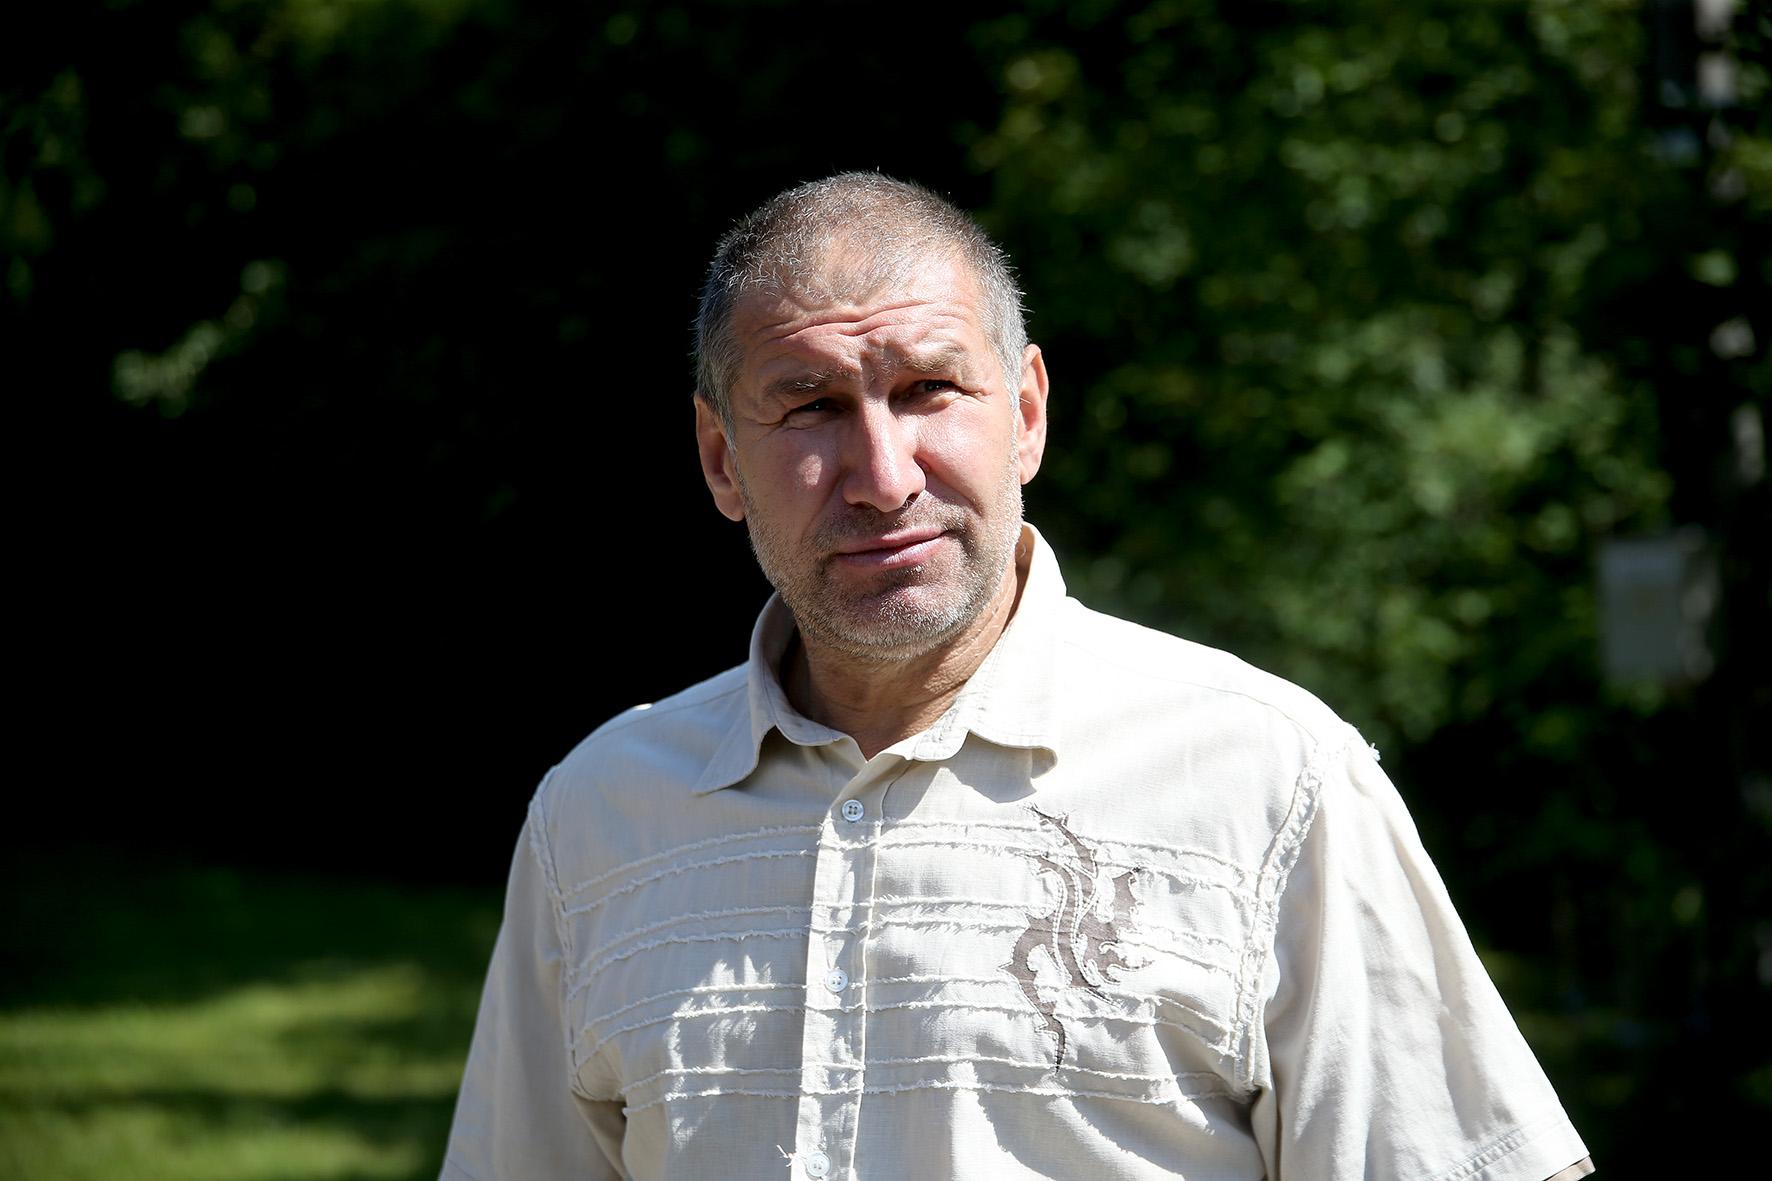 Dabartinis vandens malūno ir jame įsikūrusios kaimo turizmo sodybos savininkas Viktoras Gaurilčikas apie Barkūniškio kaimo istoriją surinkęs daug įdomių faktų.